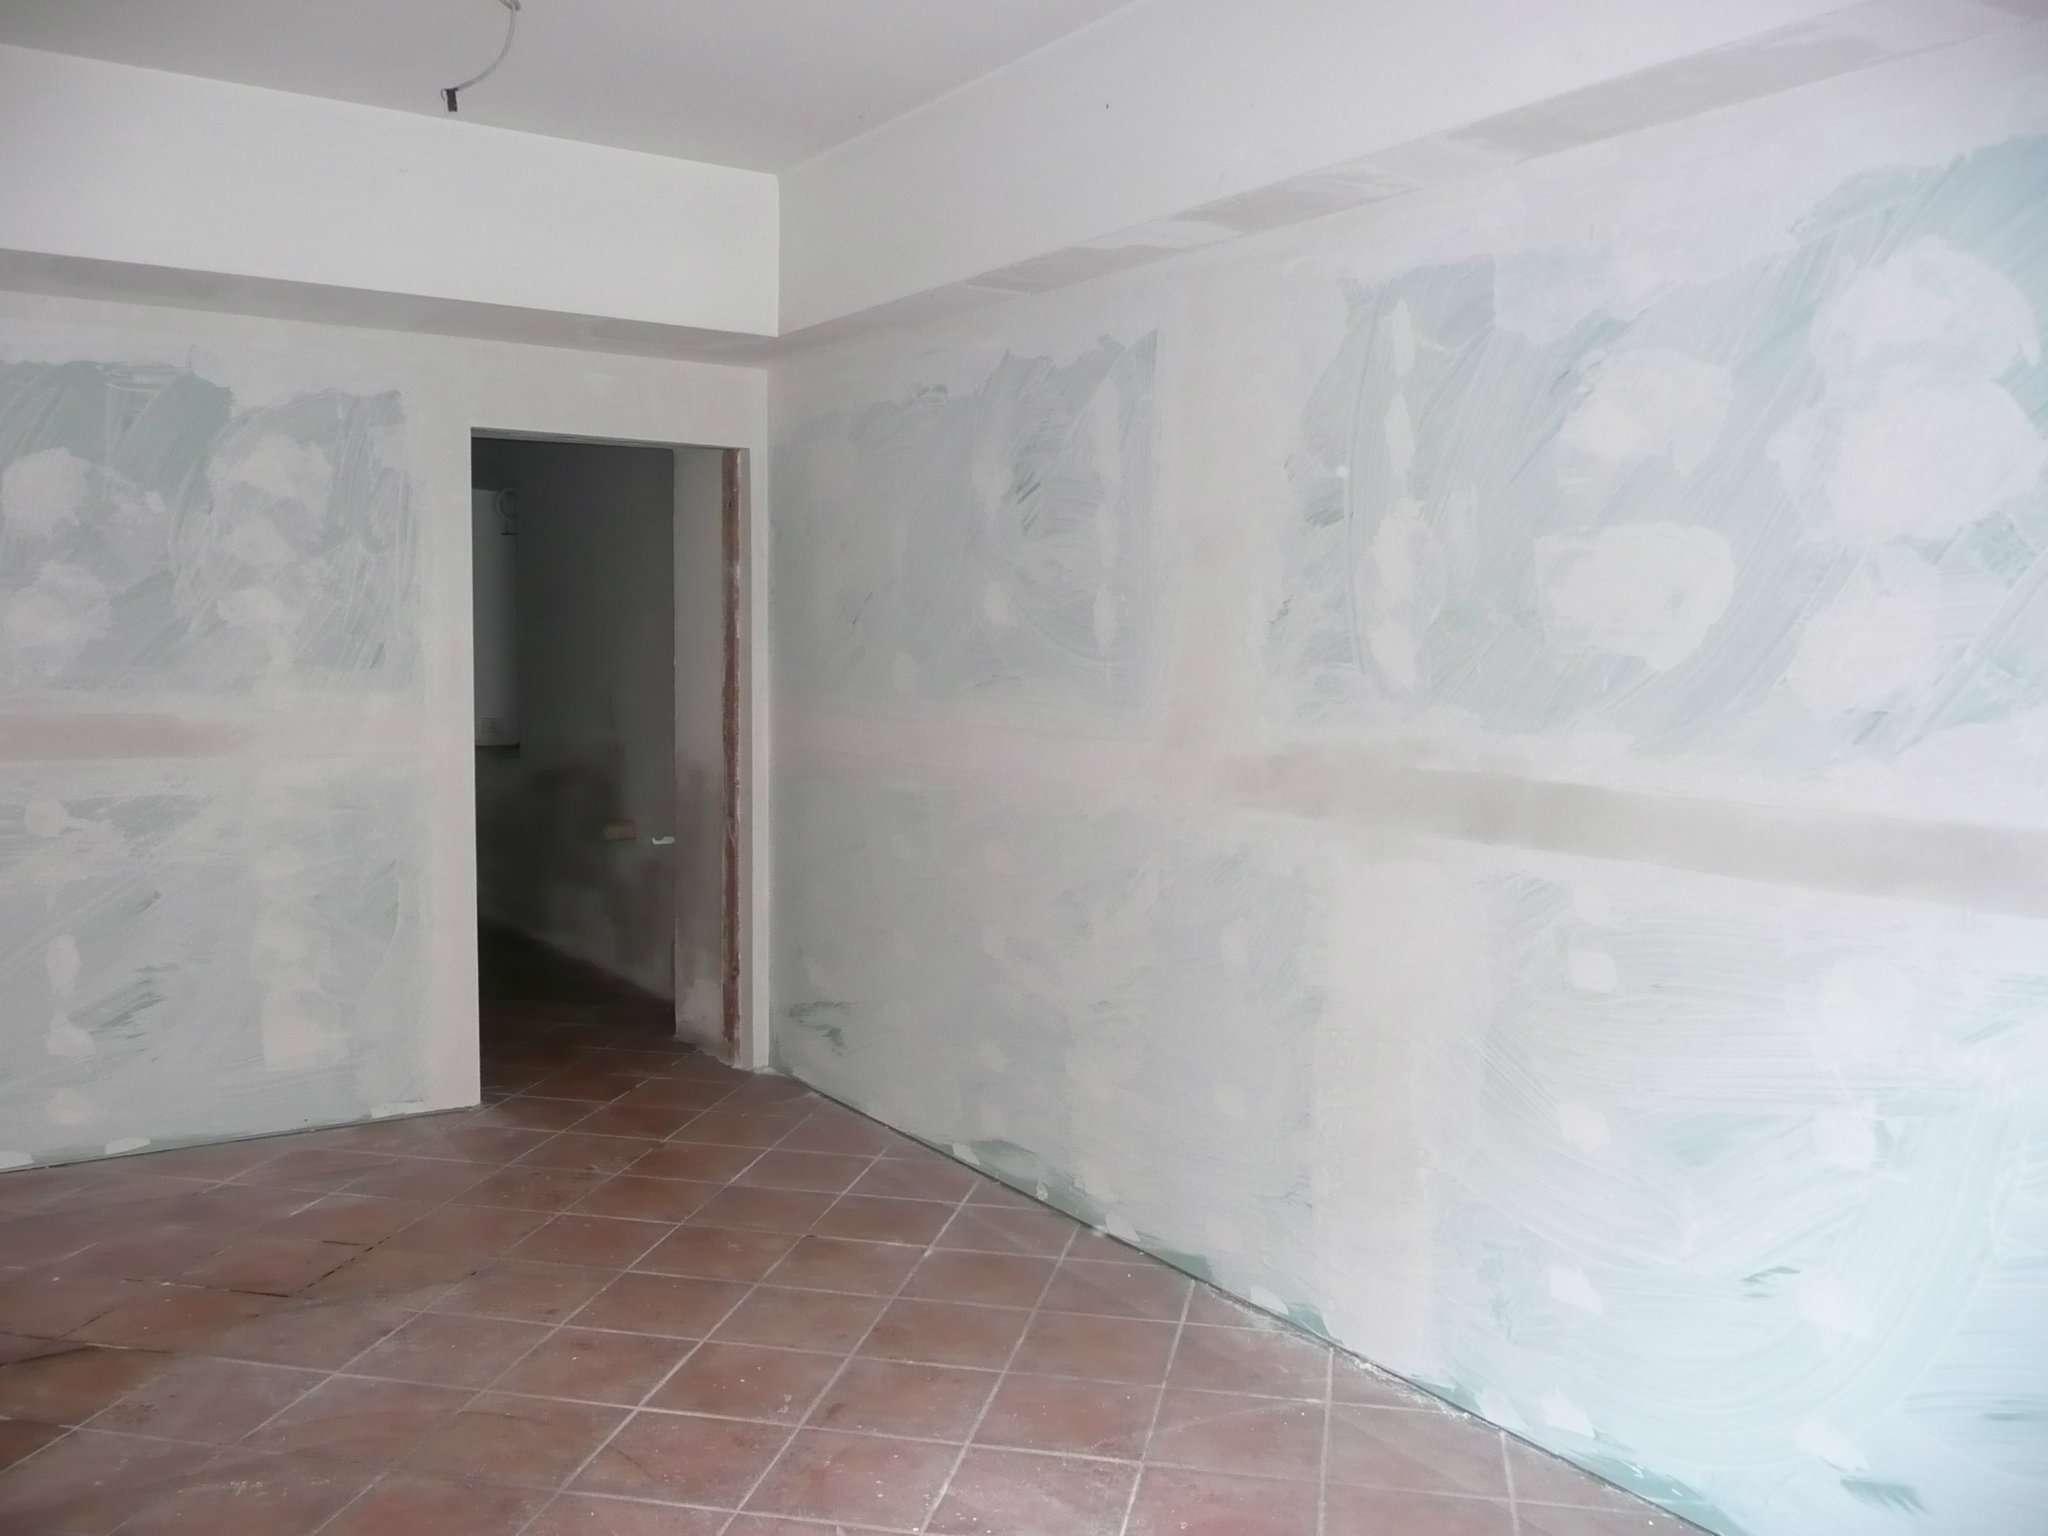 Negozio / Locale in vendita a Trino, 9999 locali, prezzo € 20.000 | PortaleAgenzieImmobiliari.it